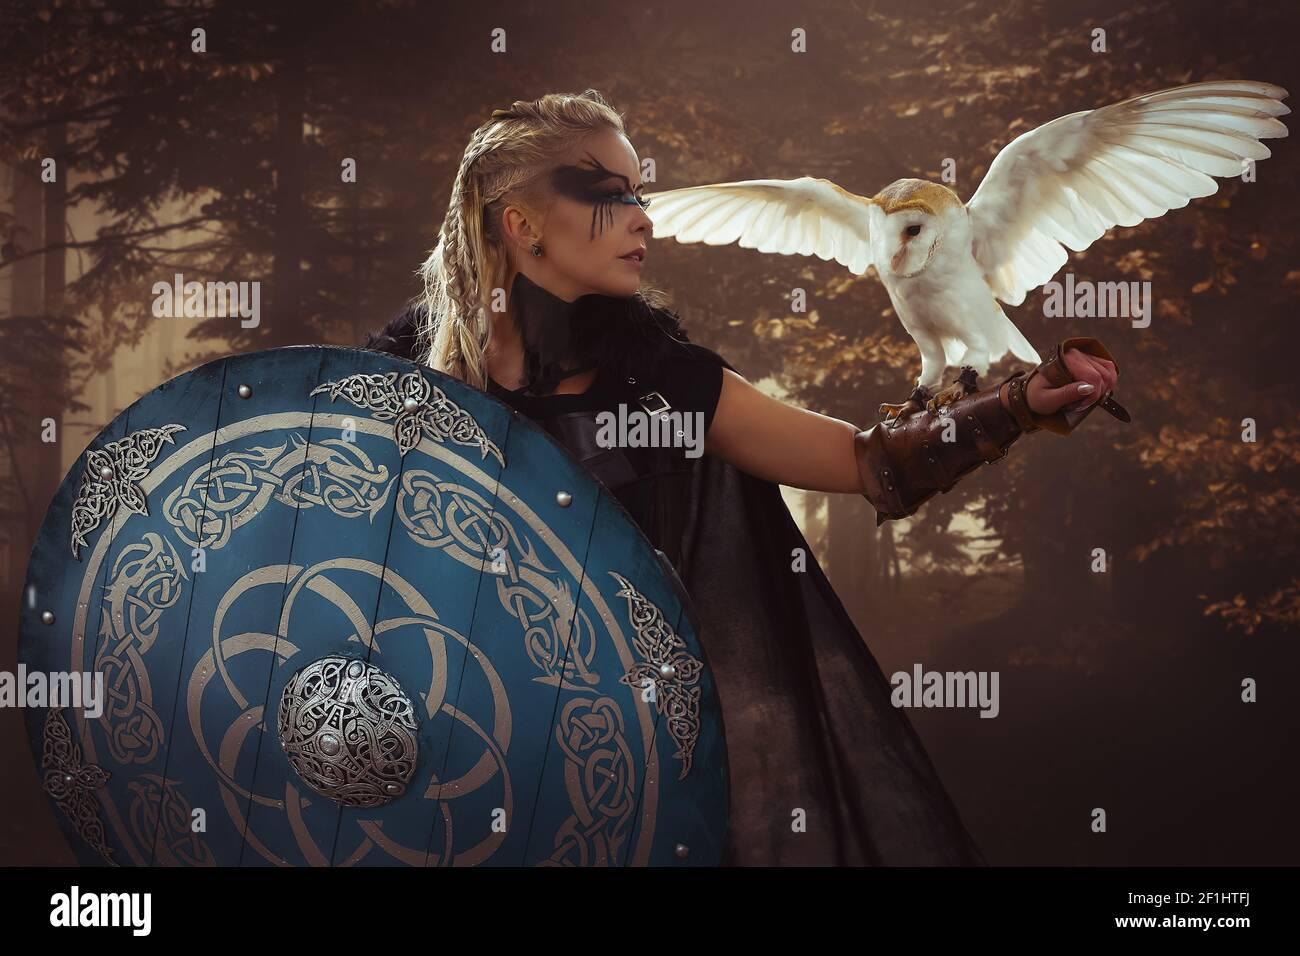 Guerrier, belle chouette blanche, Viking blond woman avec le bouclier et l'épée, de tresses dans ses cheveux. Banque D'Images